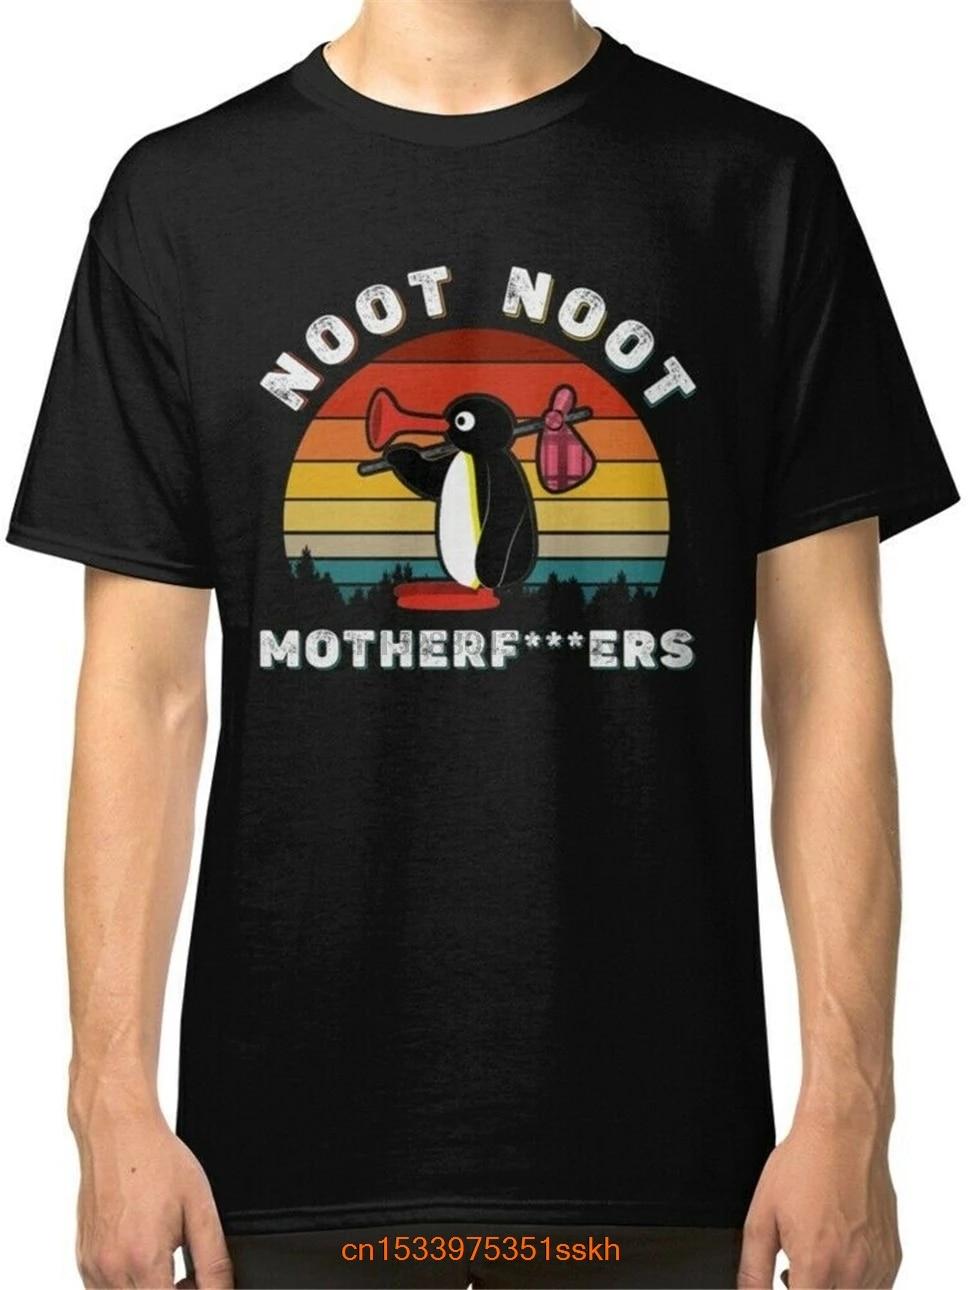 Camisa preta dos homens de noot noot meme